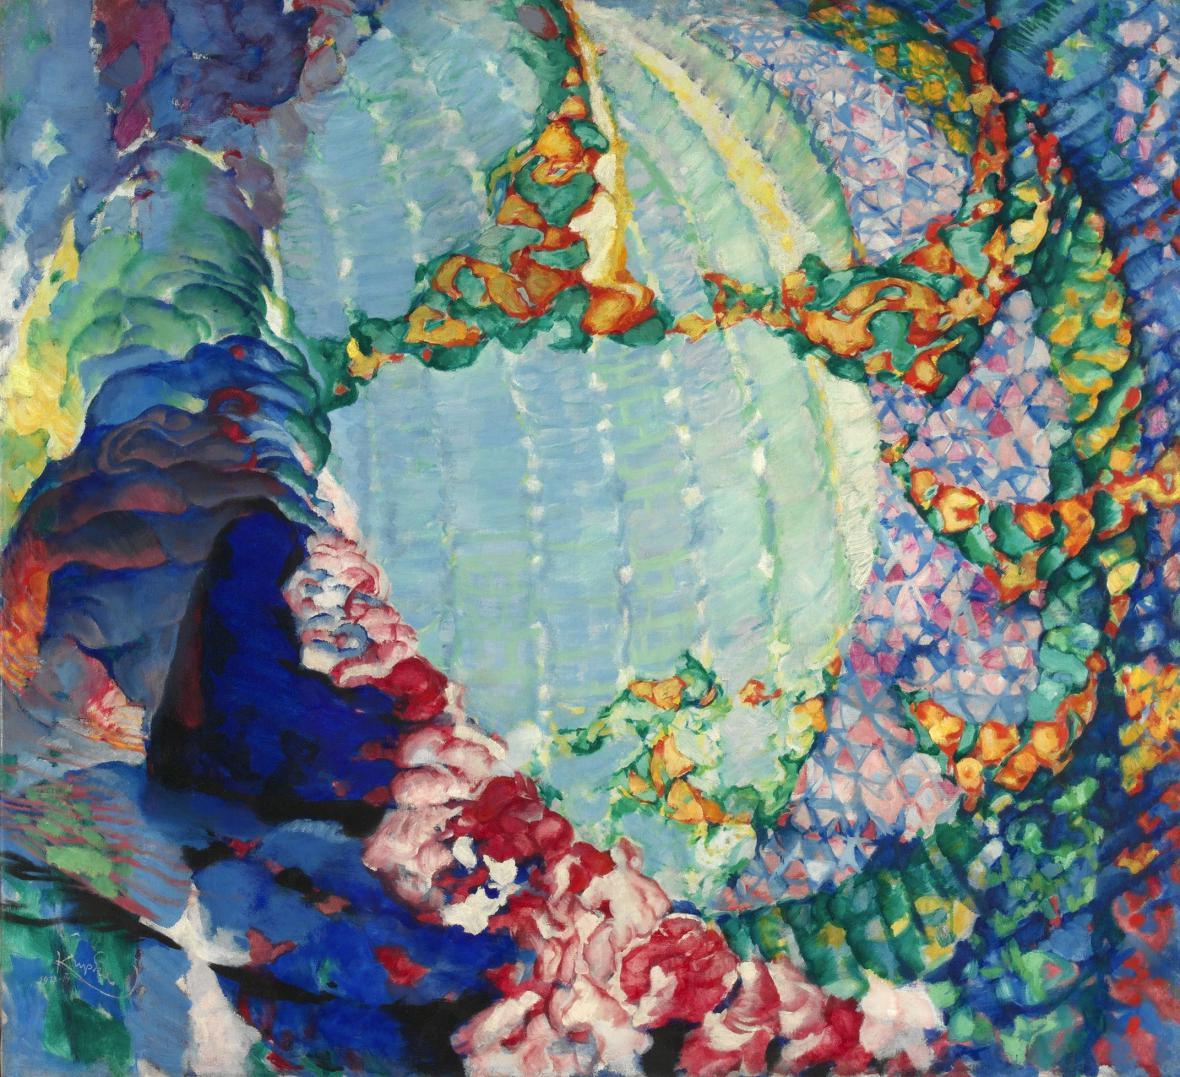 František Kupka / Kosmické jaro I, 1913/14